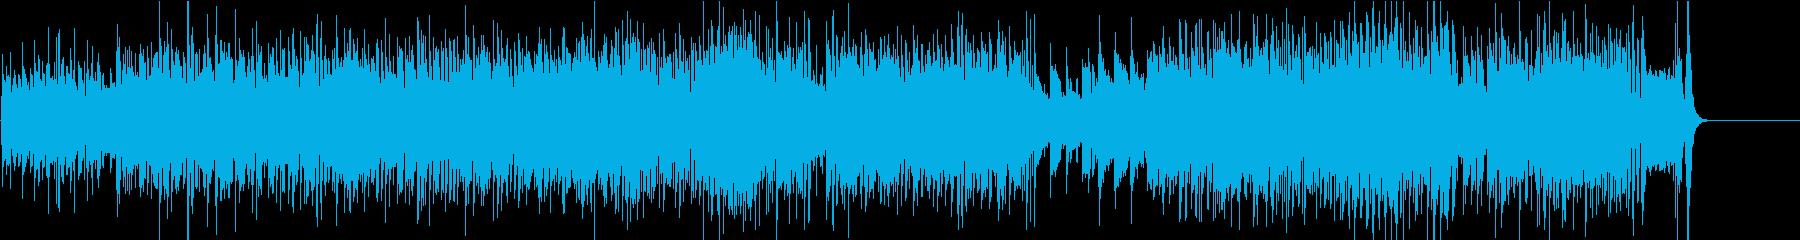 最後に蛍の光が出てくる速いアイリッシュの再生済みの波形